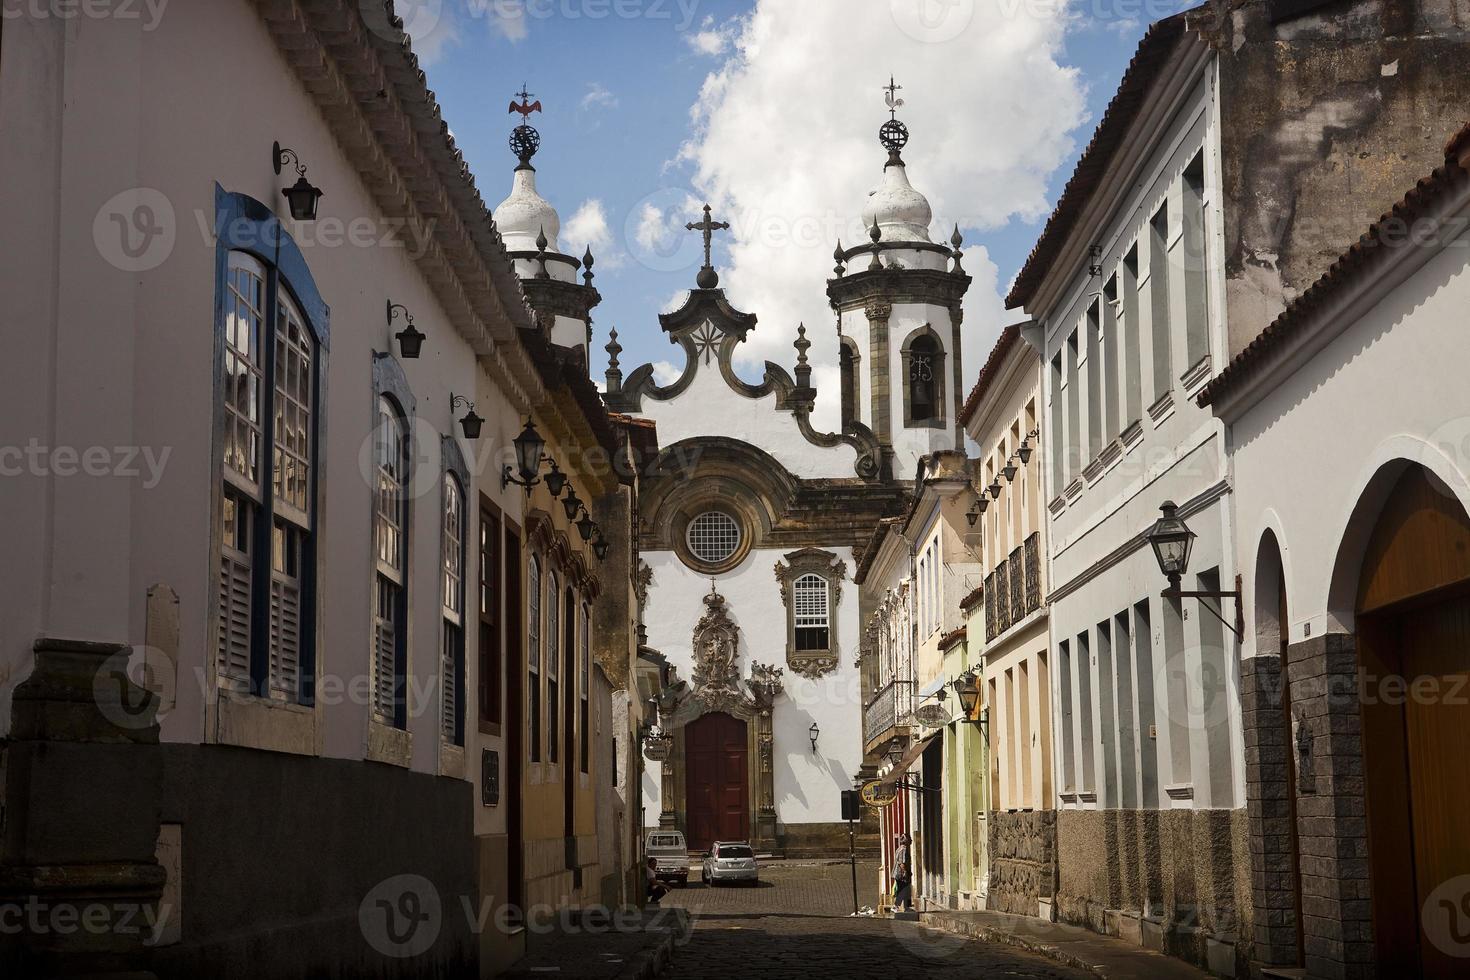 são joão del rey, minas gerais; foto